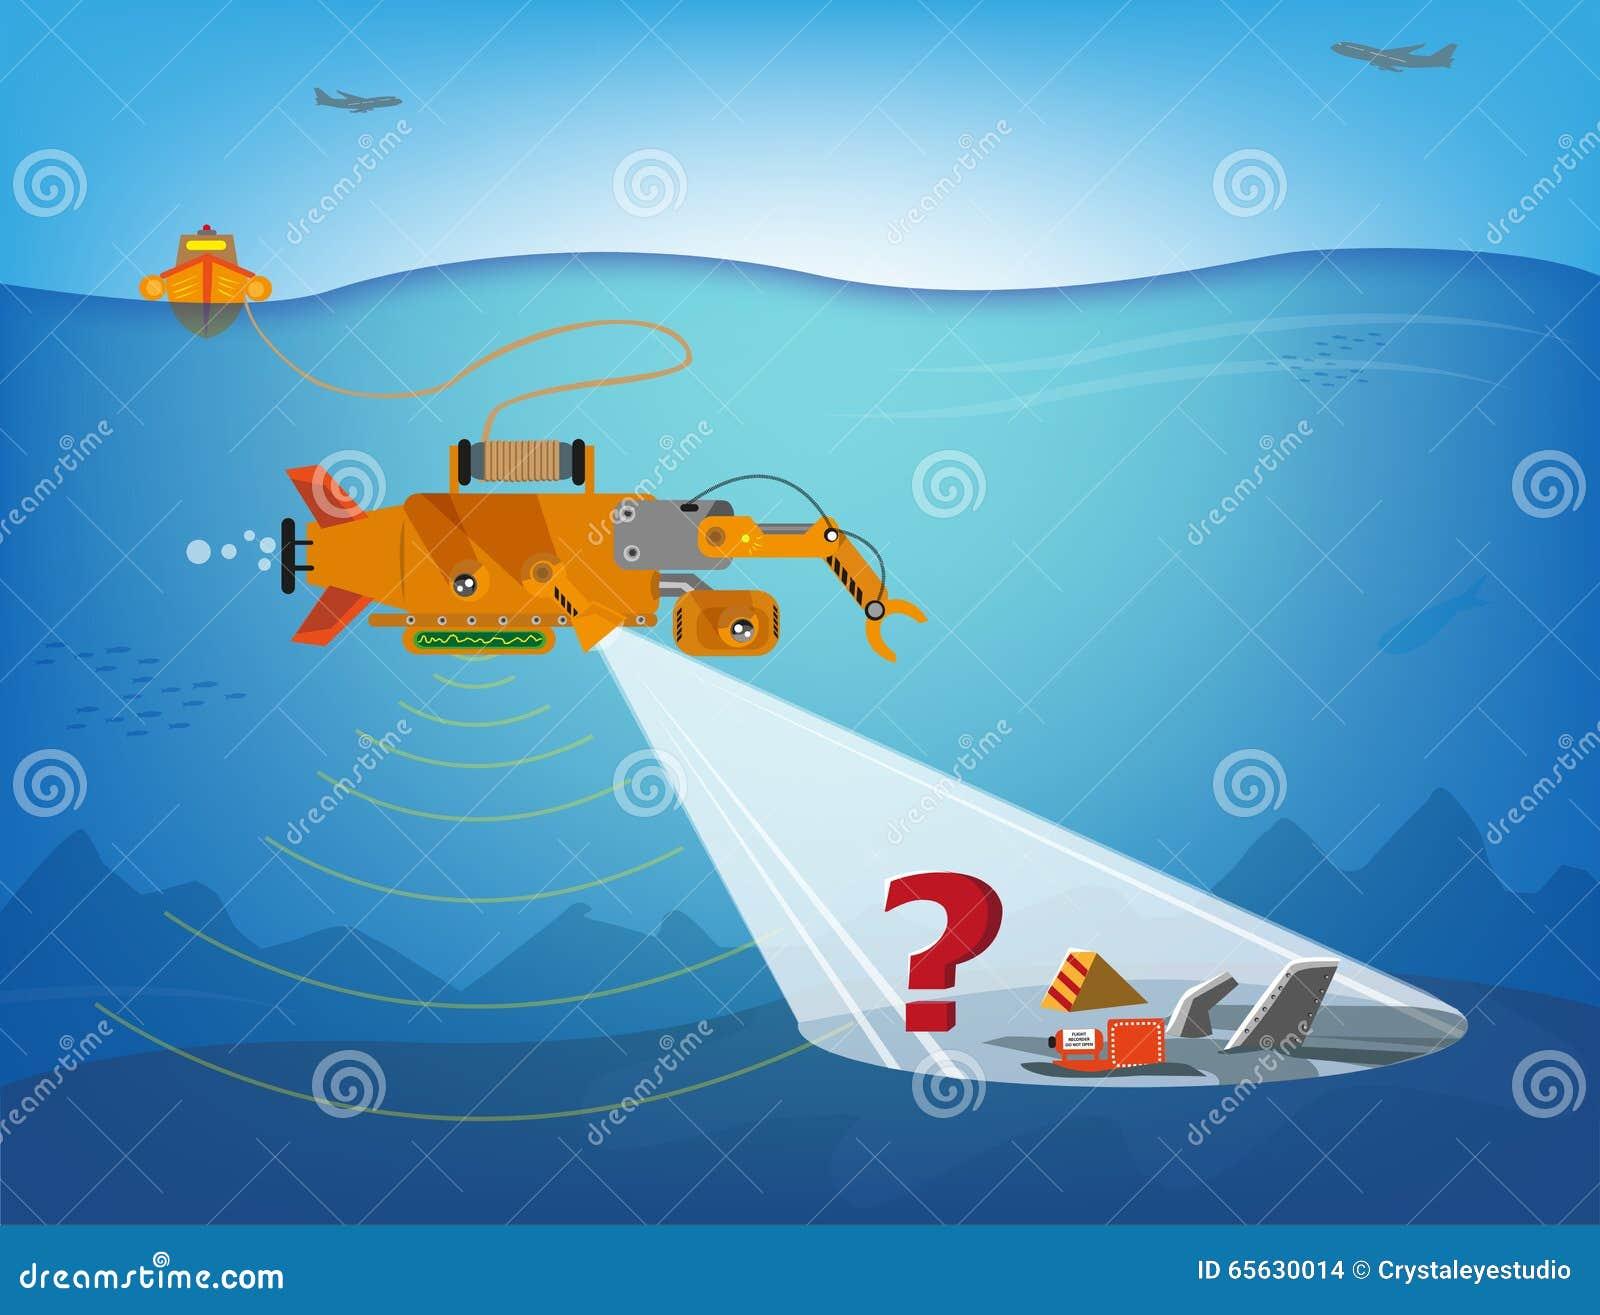 Un robot télécommandé recherchant sous l eau des débris des avions, des bateaux ou de plus Clipart (images graphiques) Editable